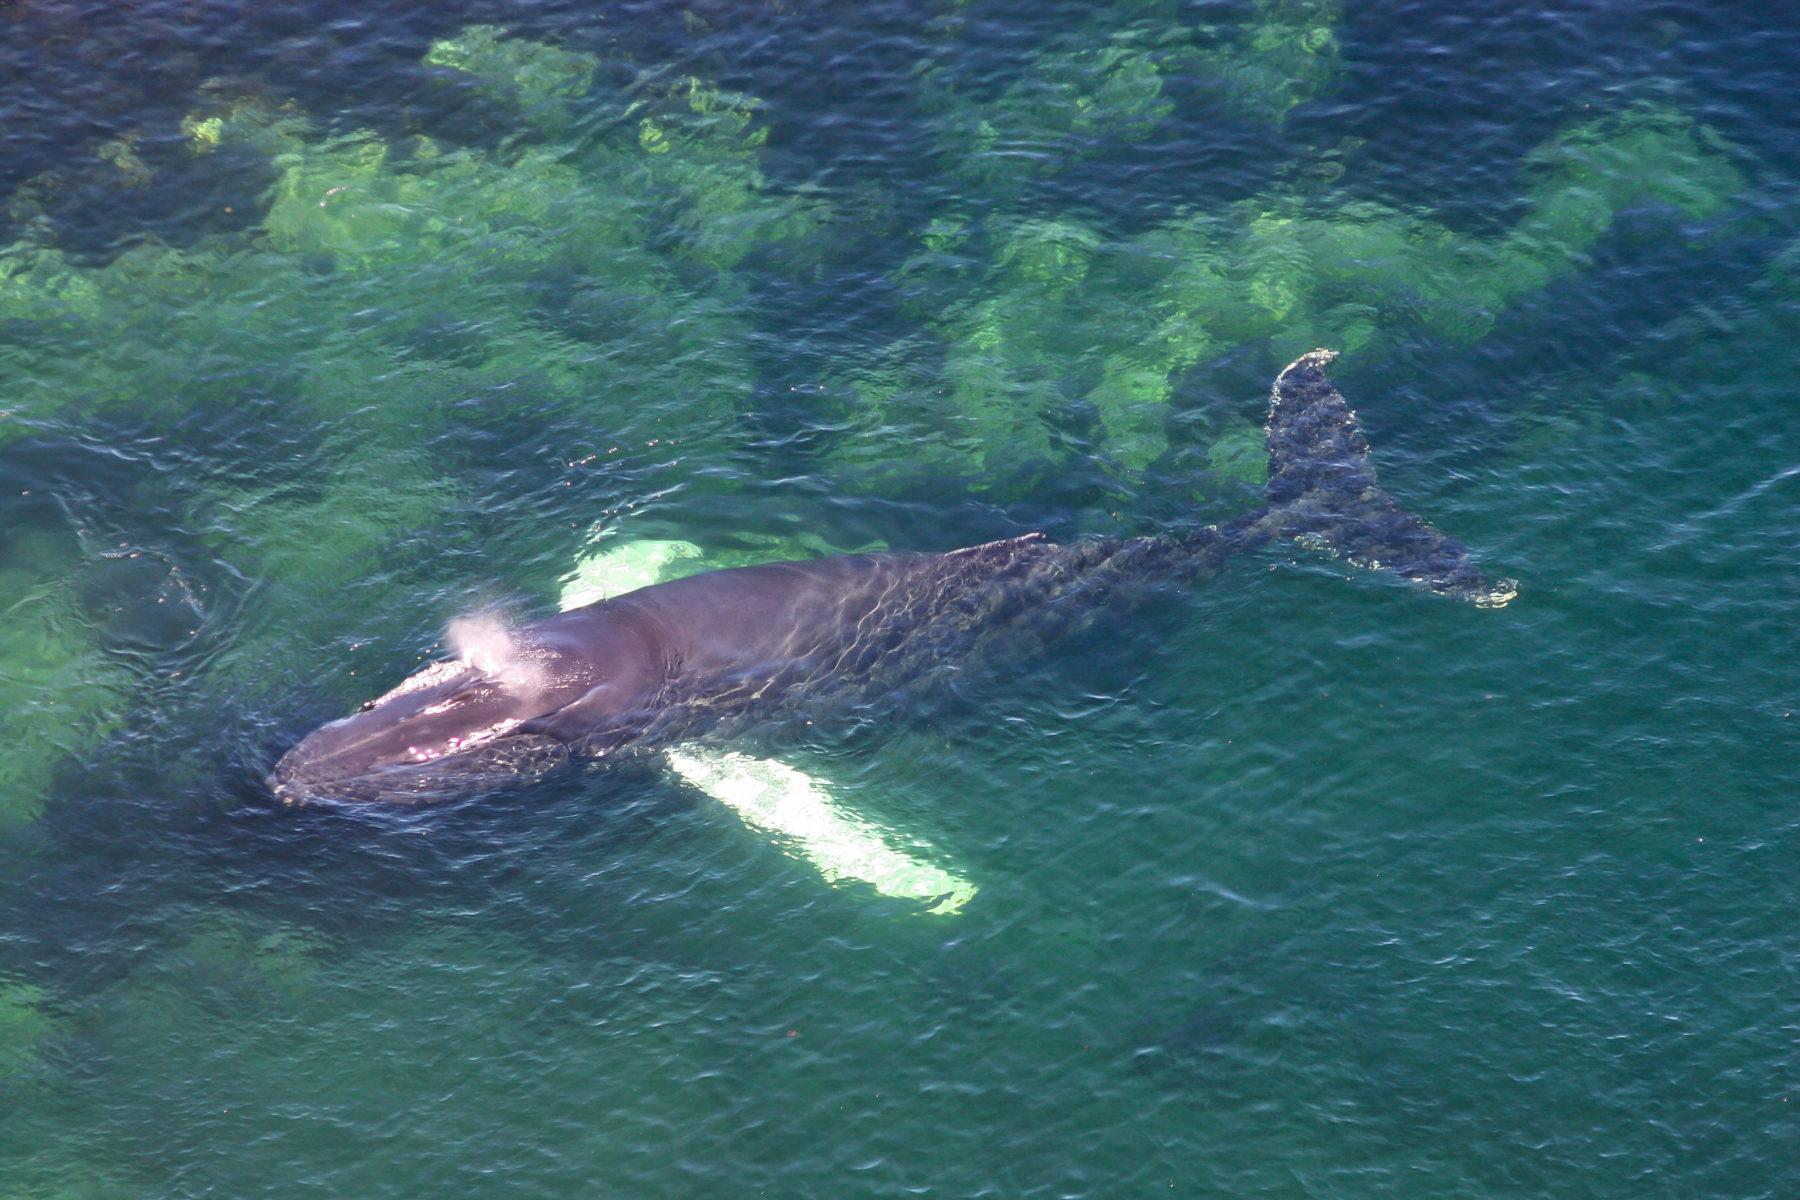 Las ballenas, el tope de la cadena alimentaria